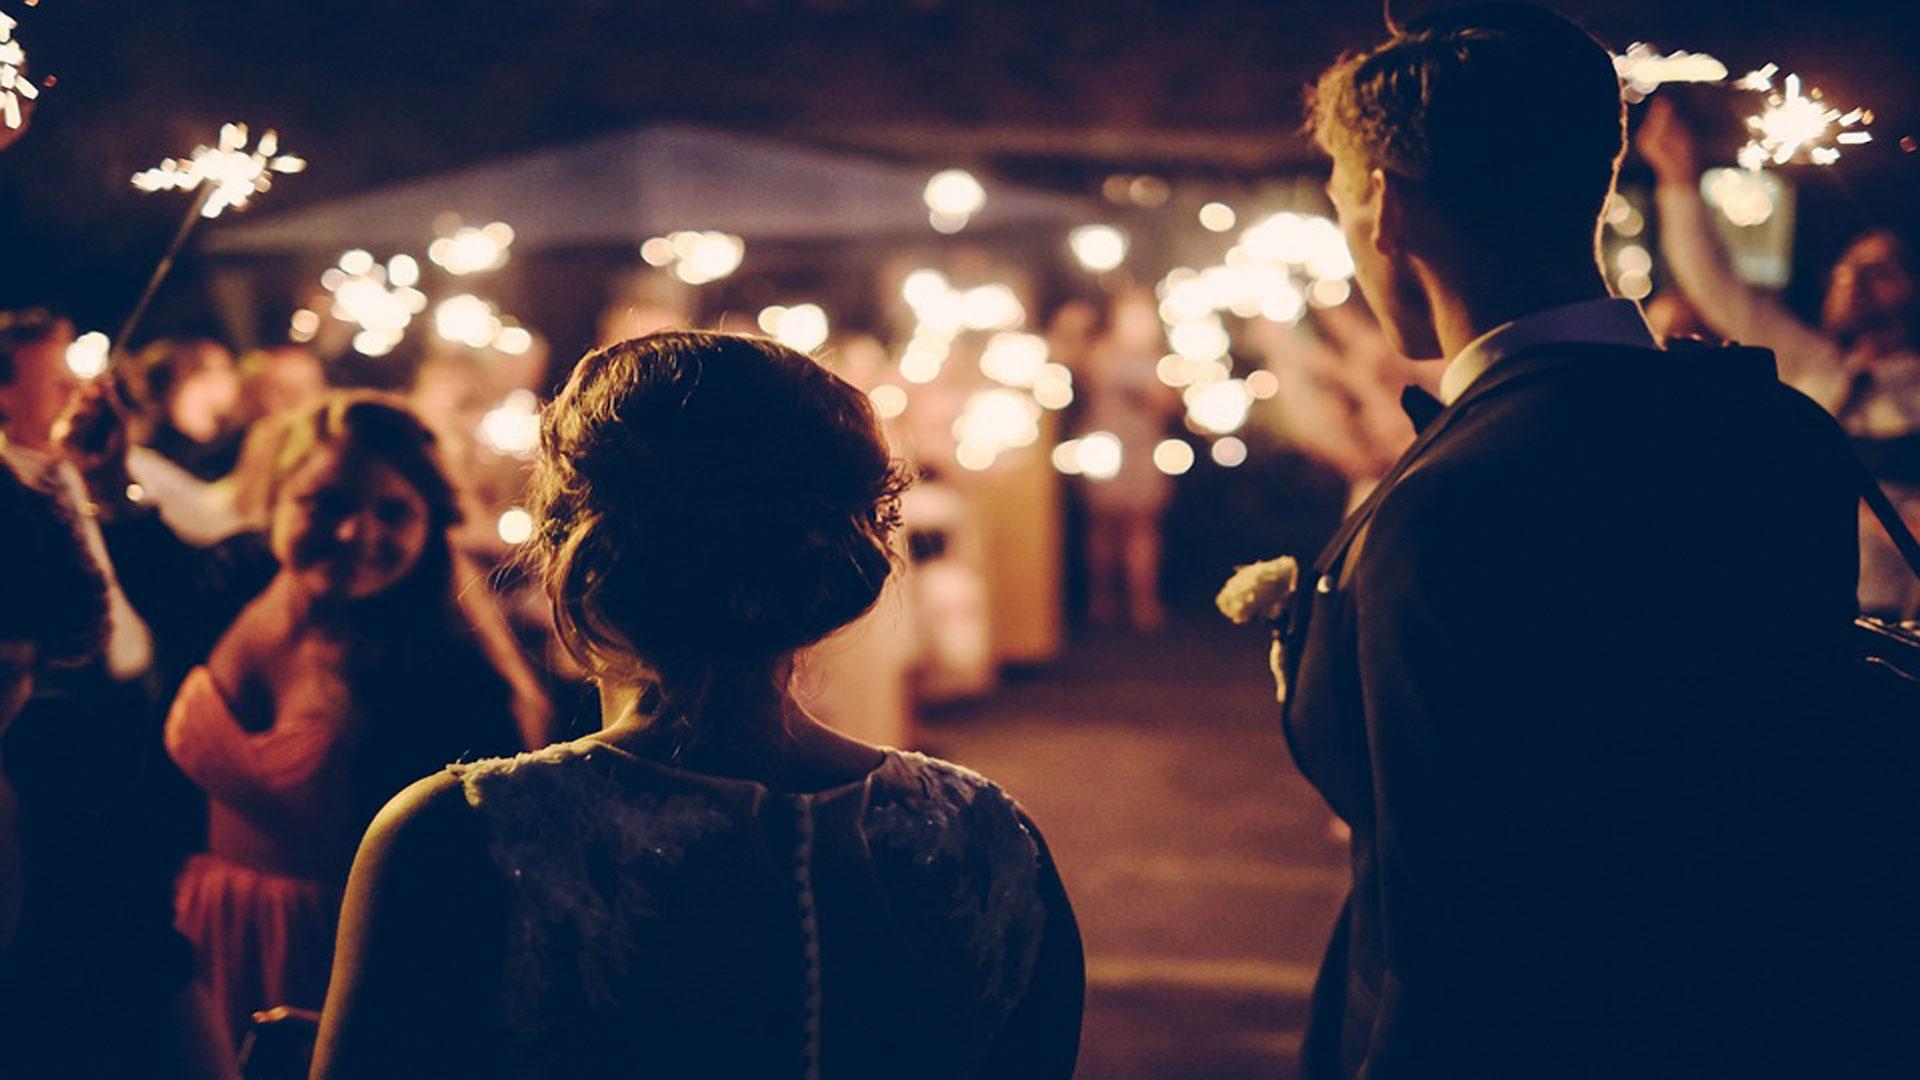 septiembre-el-mes-con-mas-bodas-del-ano-1920